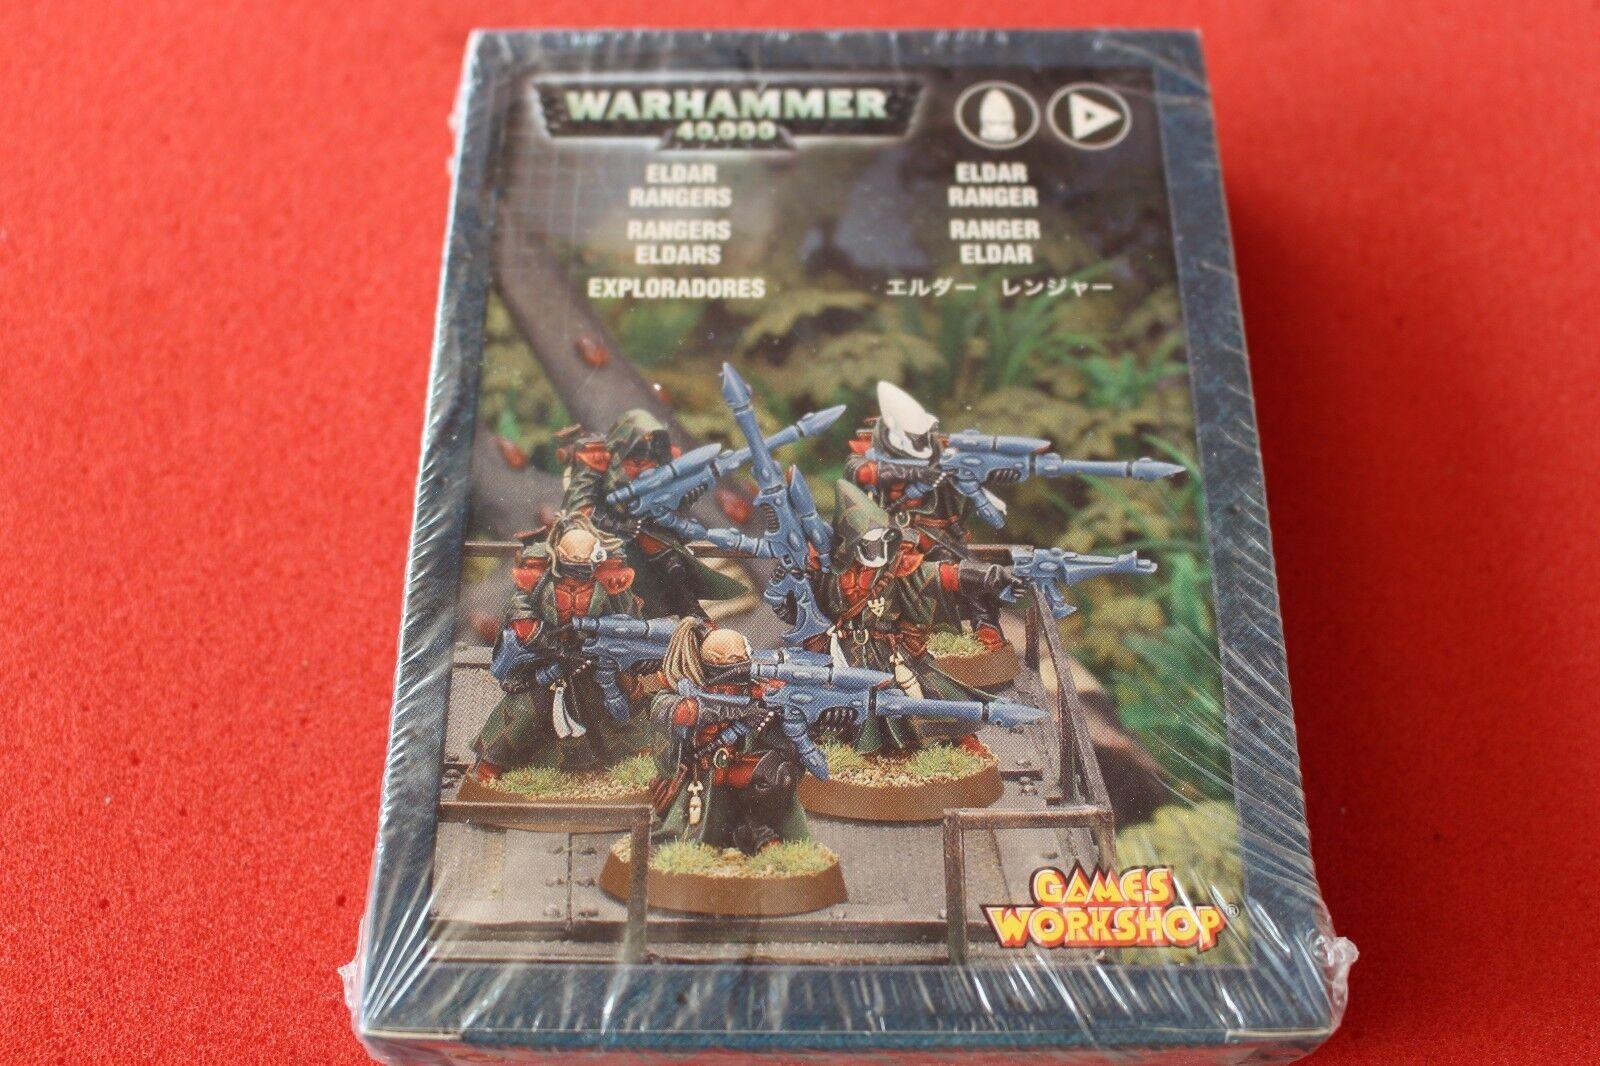 giocos lavoronegozio WARHAMMER  40k Eldar Rangers SCOUTS squadra in mettuttio in scatola NUOVO FUORI CATALOGO  economico in alta qualità